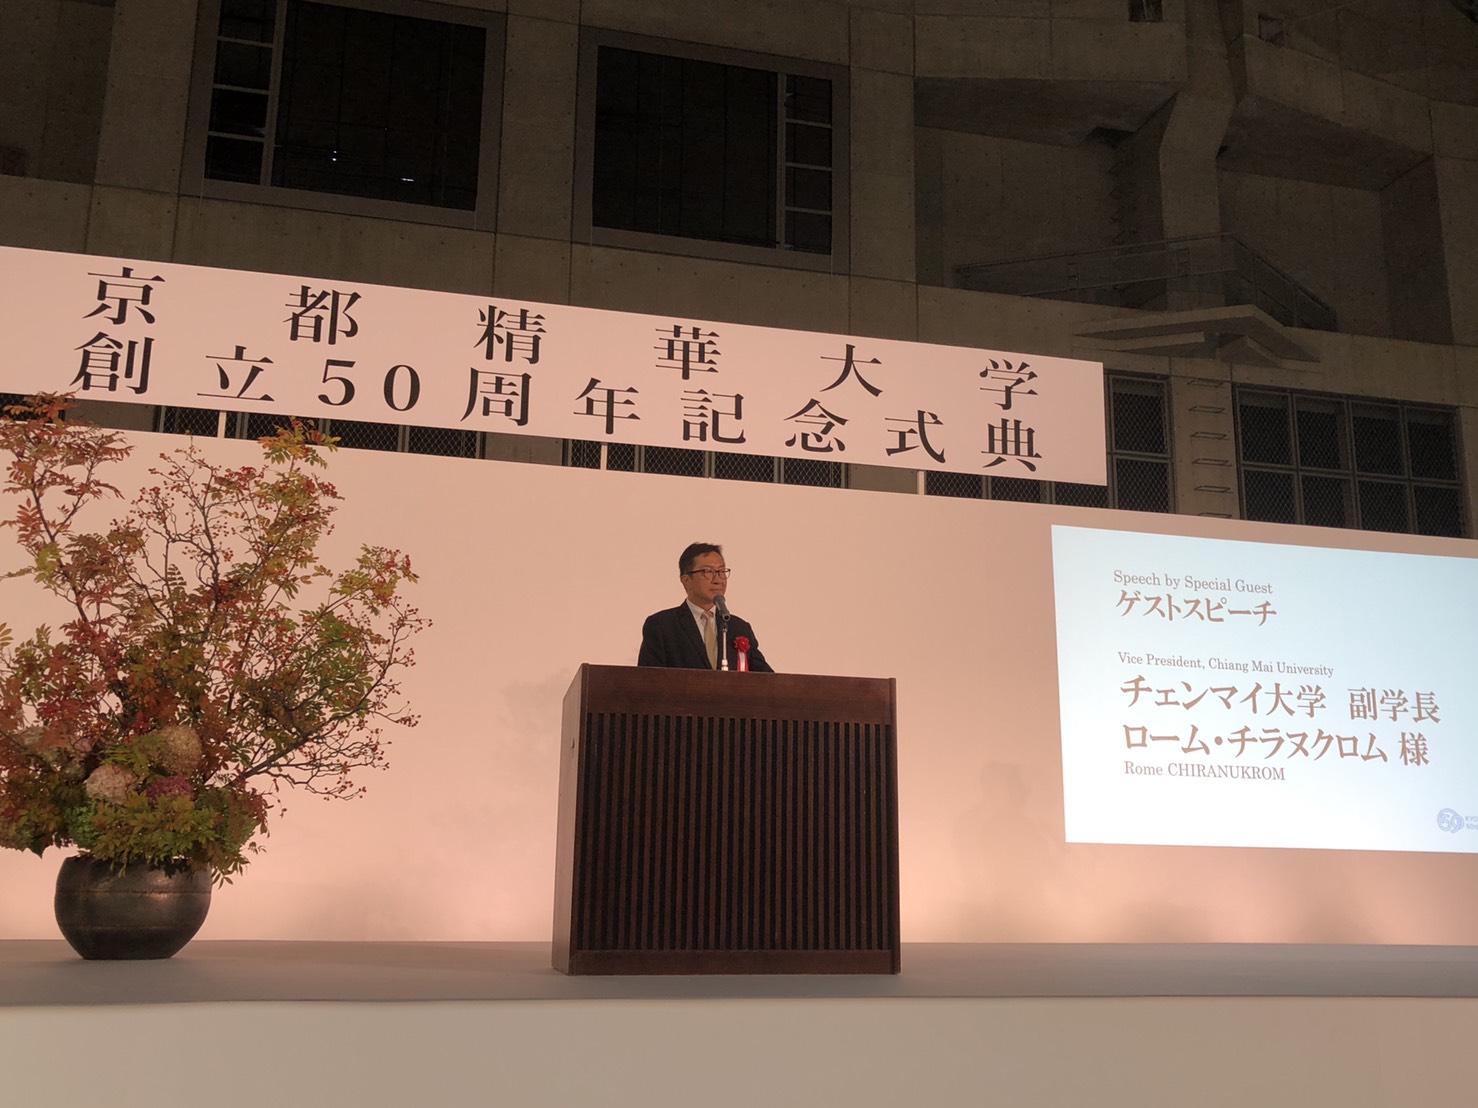 ร่วมงานเฉลิมฉลองครบรอบ 50 ปี มหาวิทยาลัยเกียวโตเซกะ ประเทศญี่ปุ่น